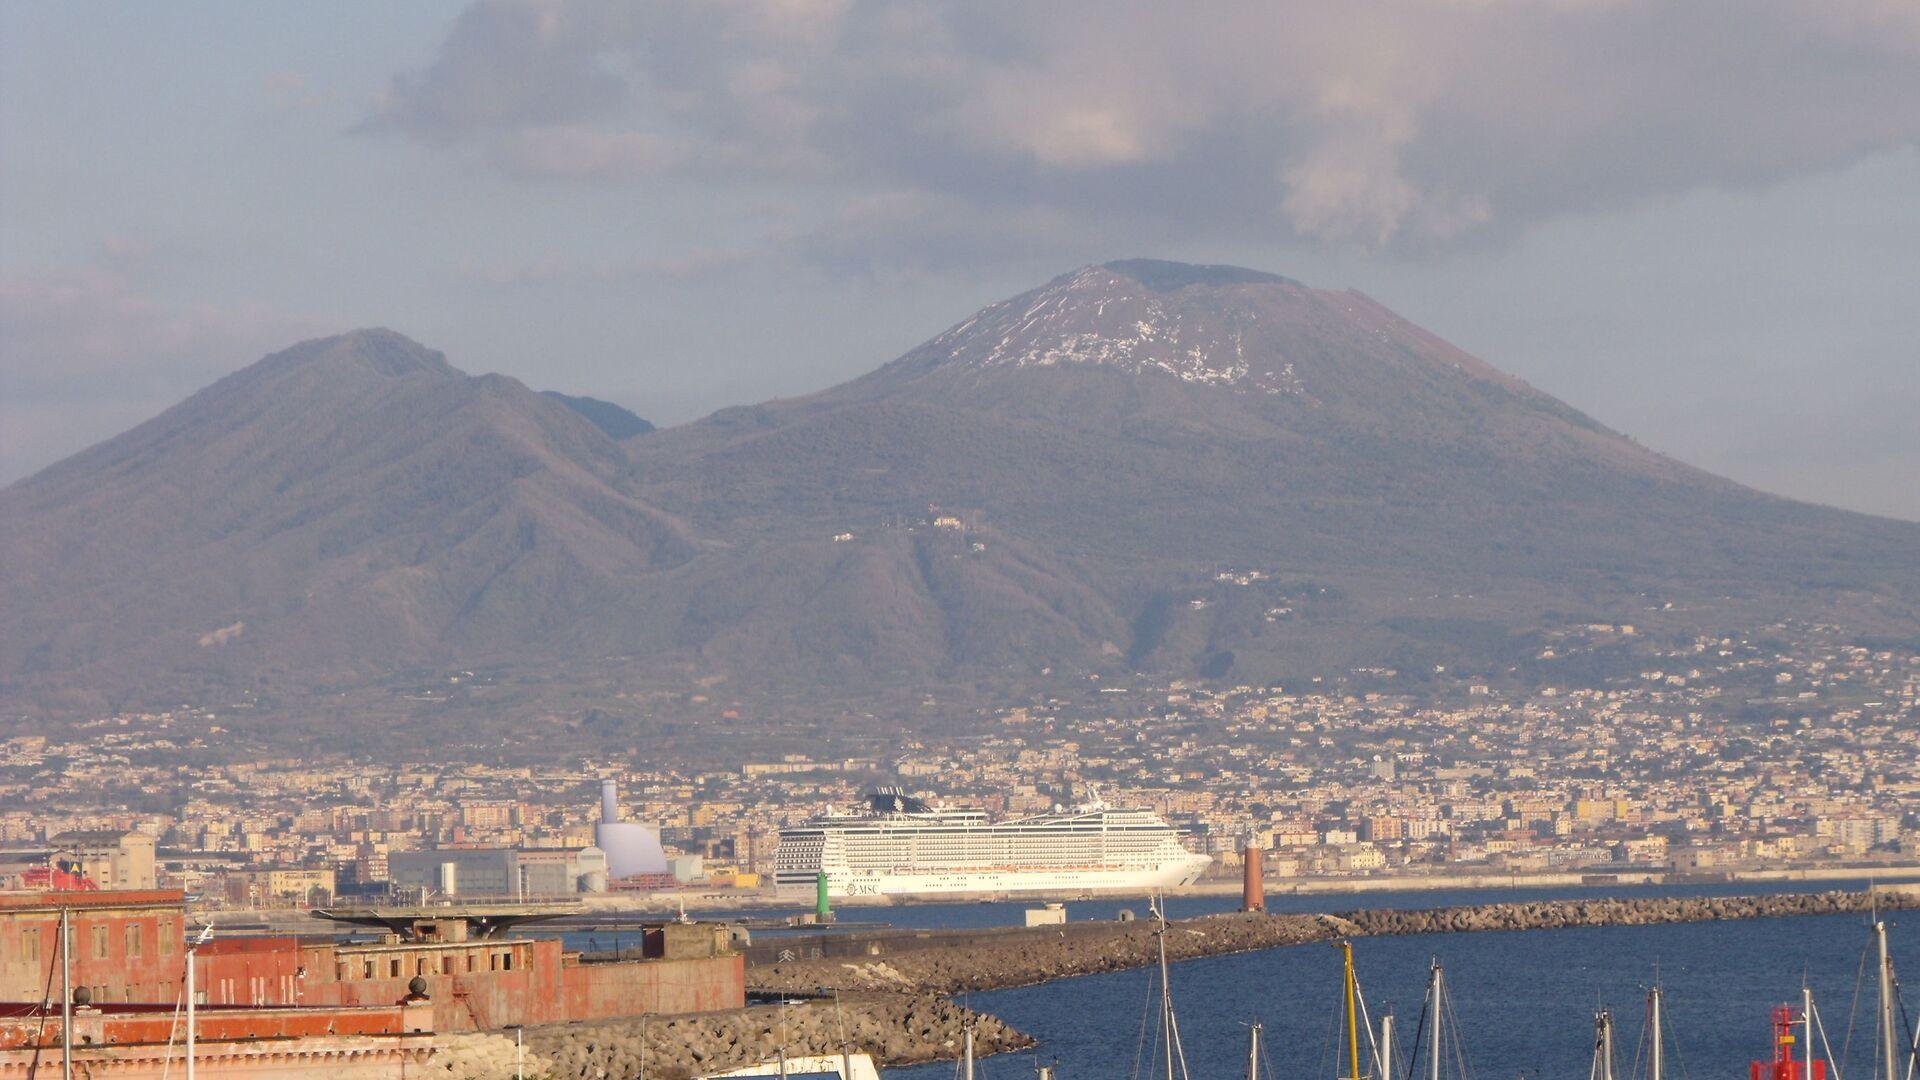 Golfo di Napoli e Vesuvio  - Sputnik Italia, 1920, 11.08.2021